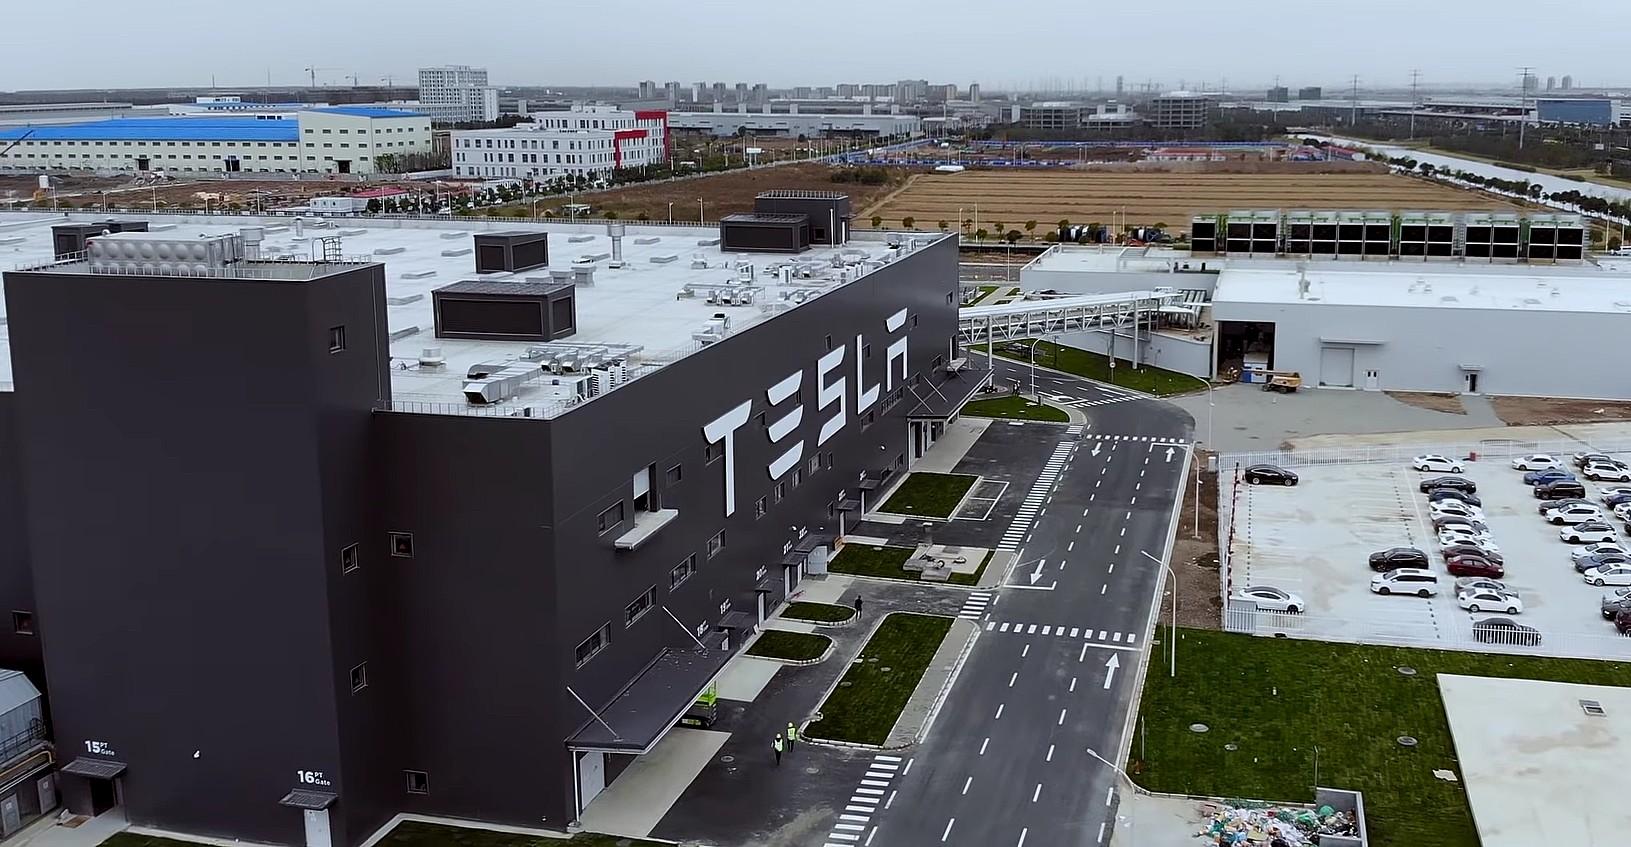 Компания CATL, китайский поставщик аккумуляторов для Tesla, планирует построить новый завод недалеко от Giga Shanghai